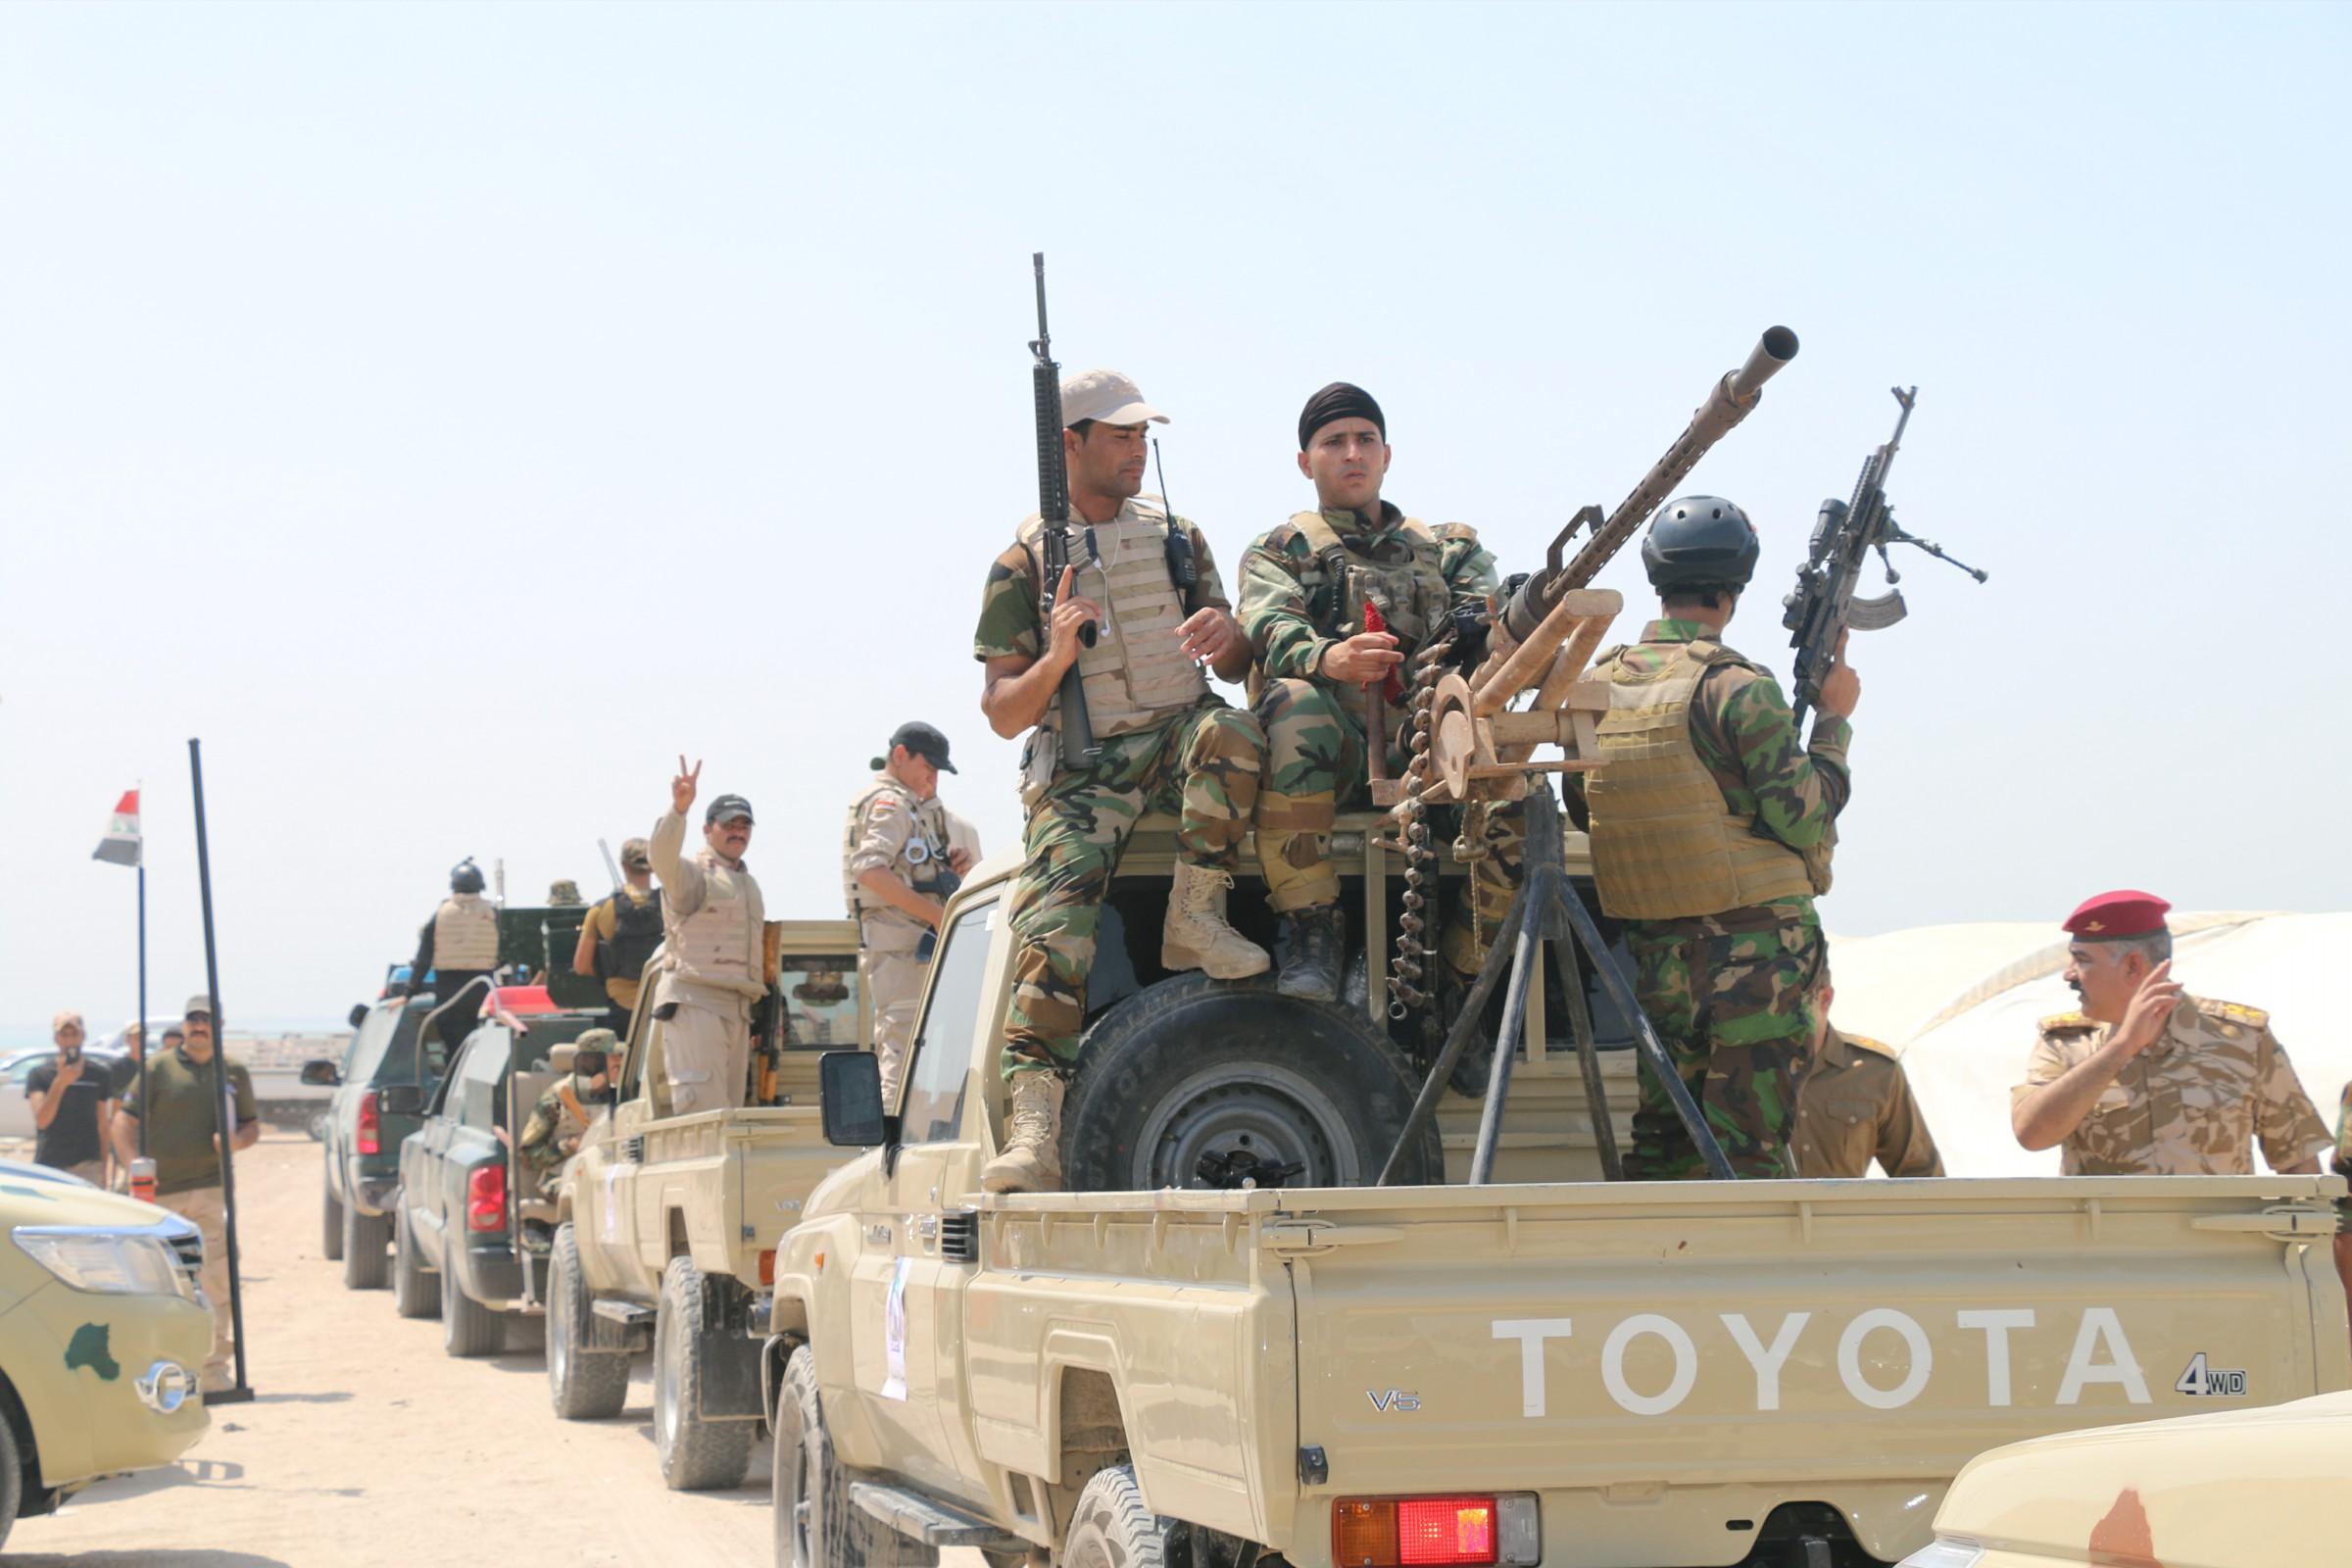 القوات الامنية تقتل المستللين الى منطقة الطاش جنوبي الرمادي